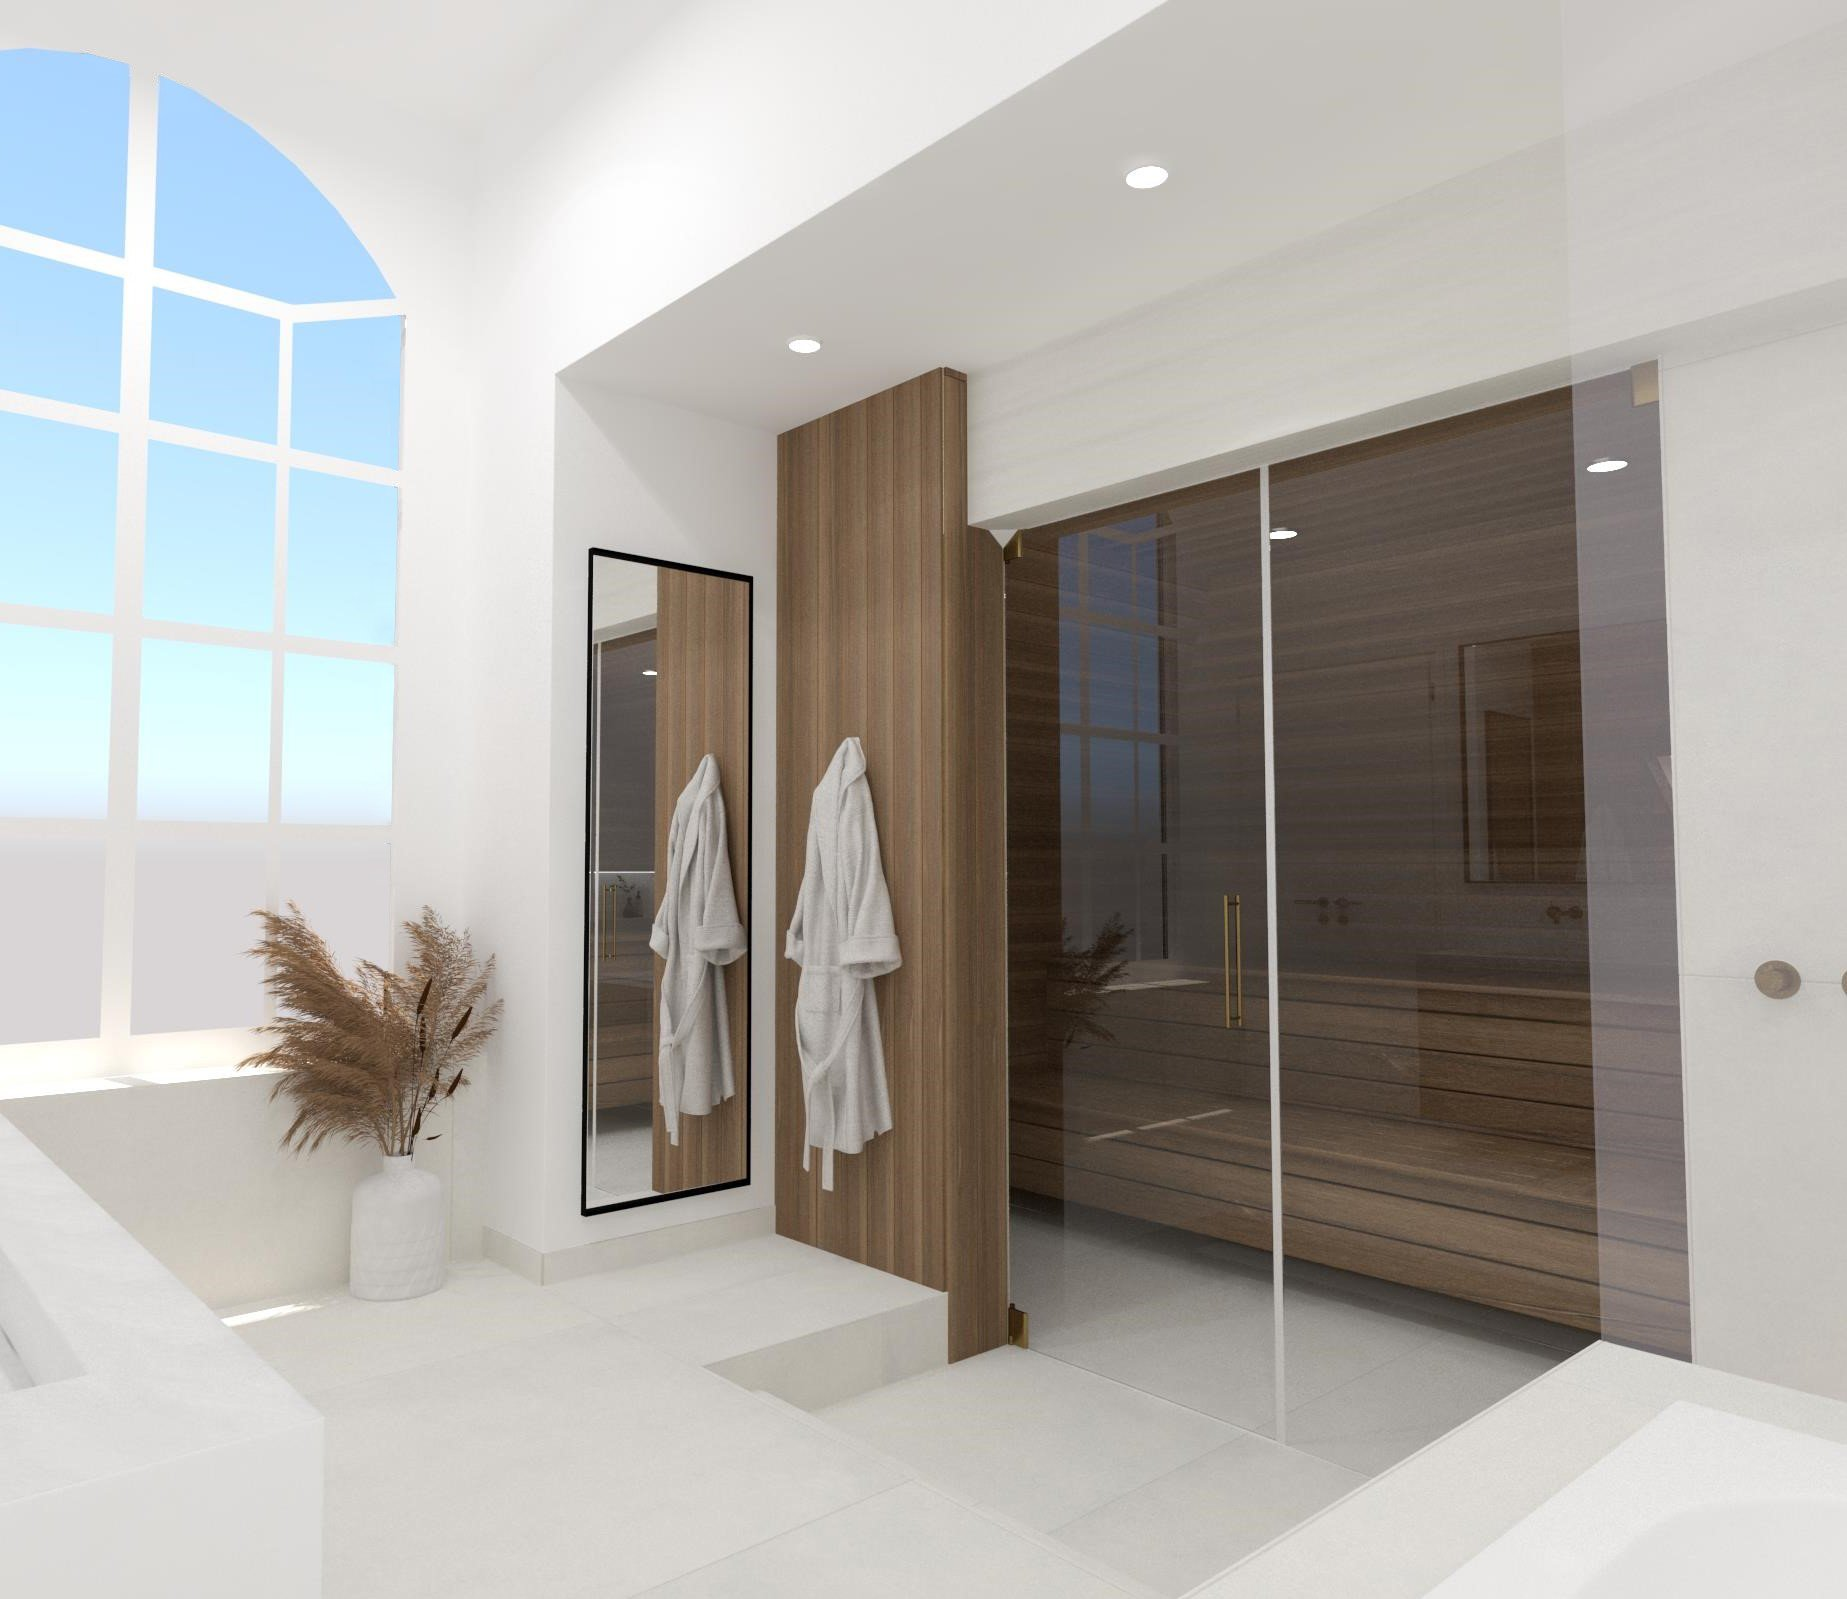 Ontwerp door adviseurs van Het Badhuys van badkamer met sauna.